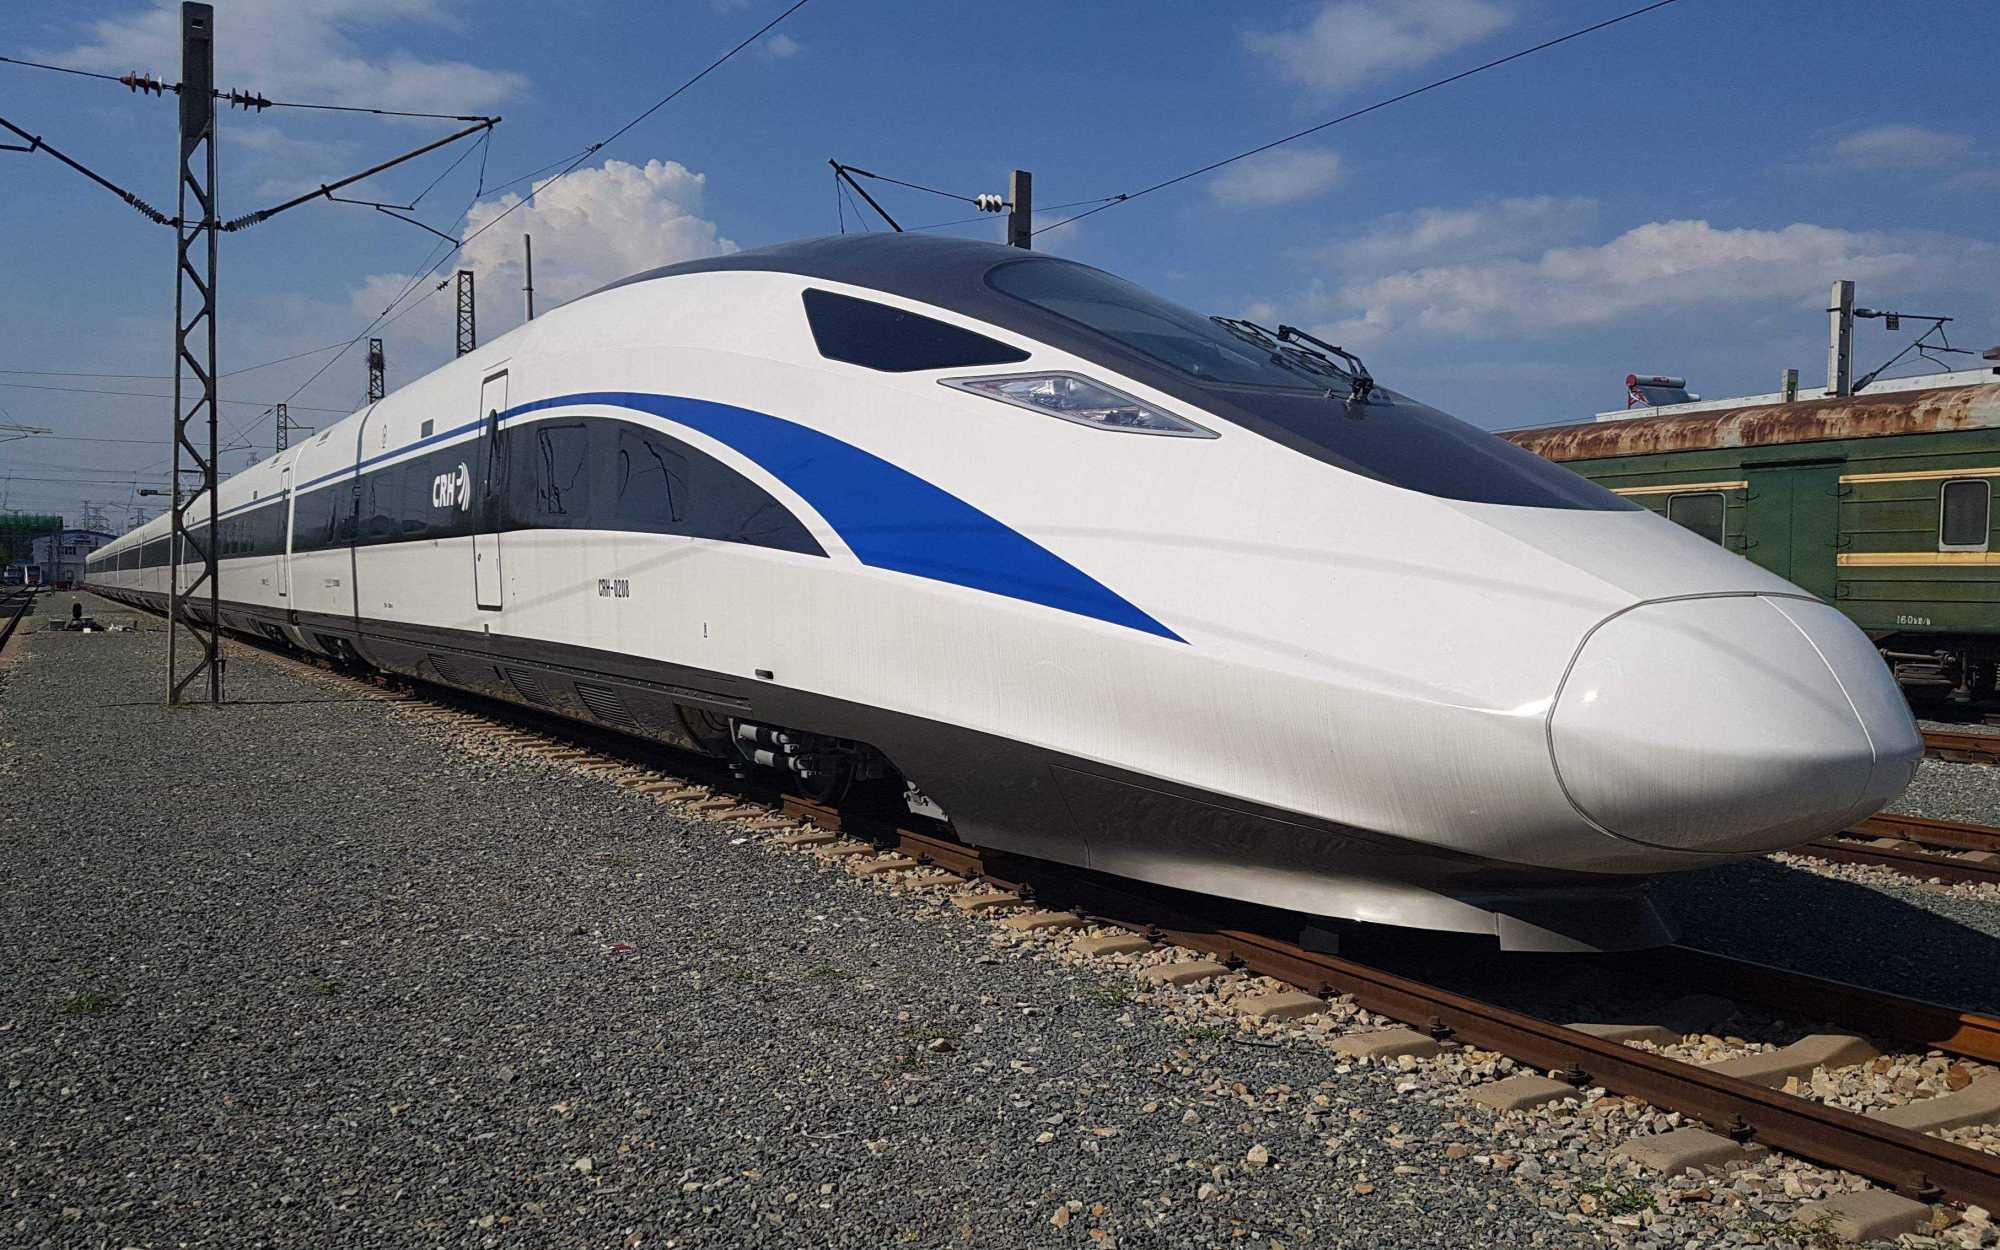 安徽规划建一条高铁对接江西,长约193公里,预计投资237.3亿元